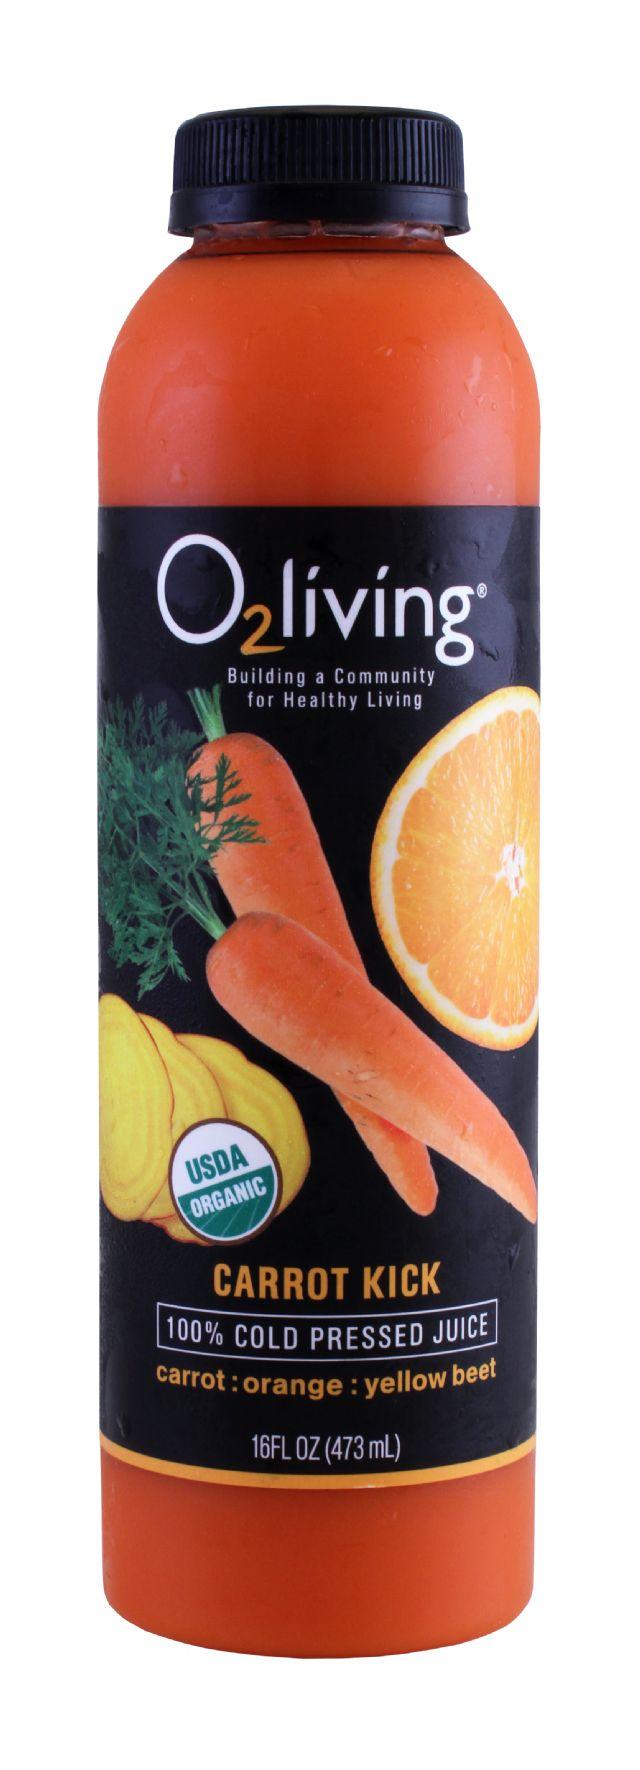 o2living: O2Living_CarrotKickLG_Front